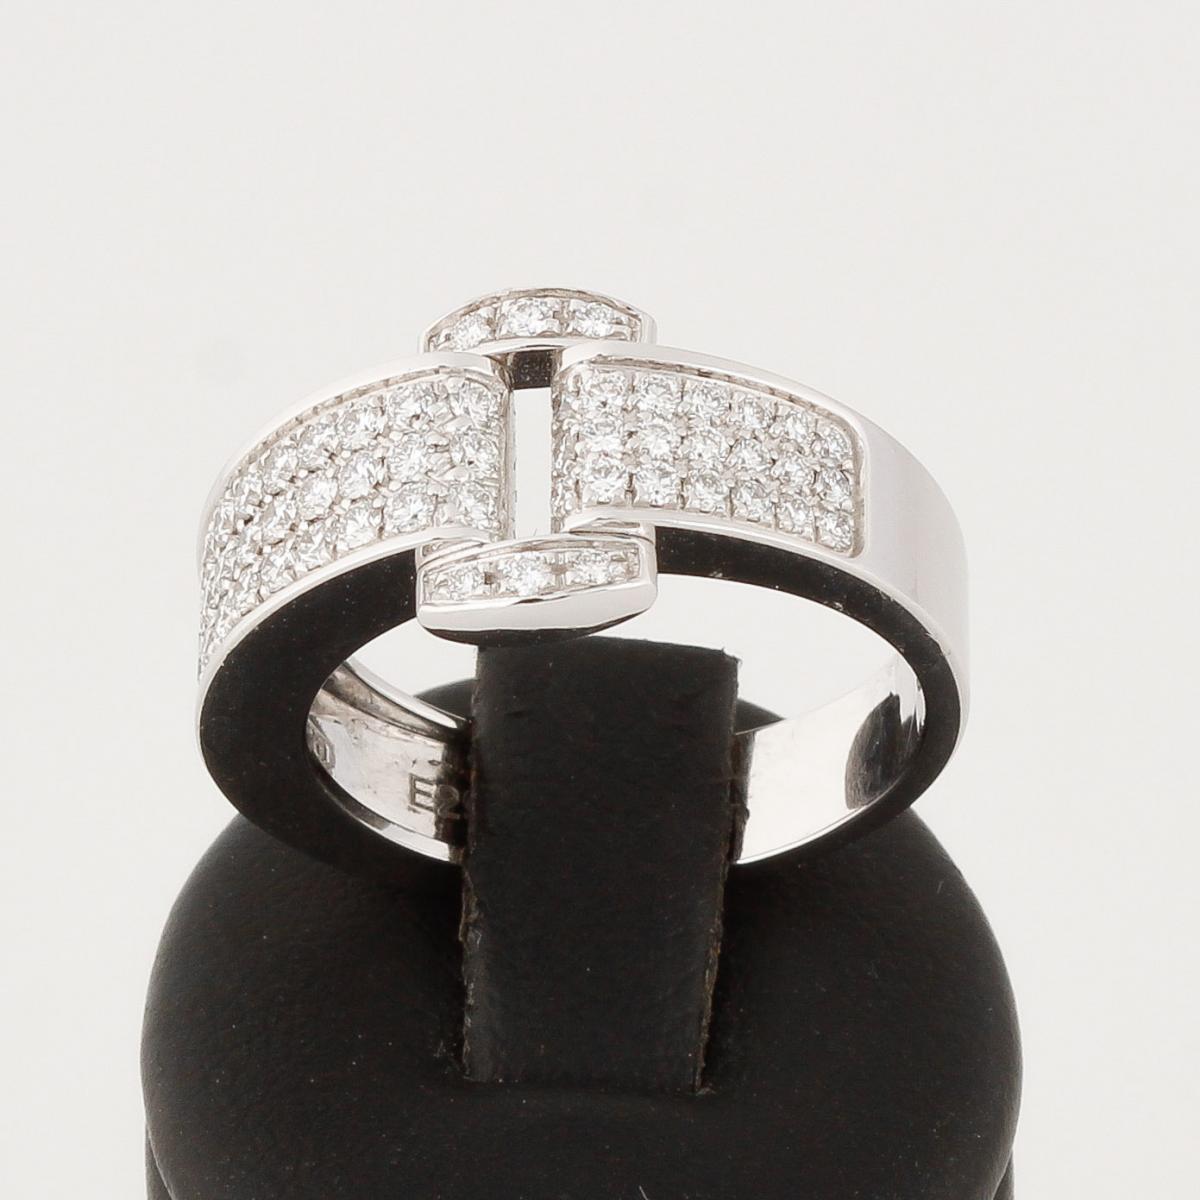 PIAGET Miss Protocole Ring Weißgold Schnallendesign mit Diamanten besetzt Neu (2017)